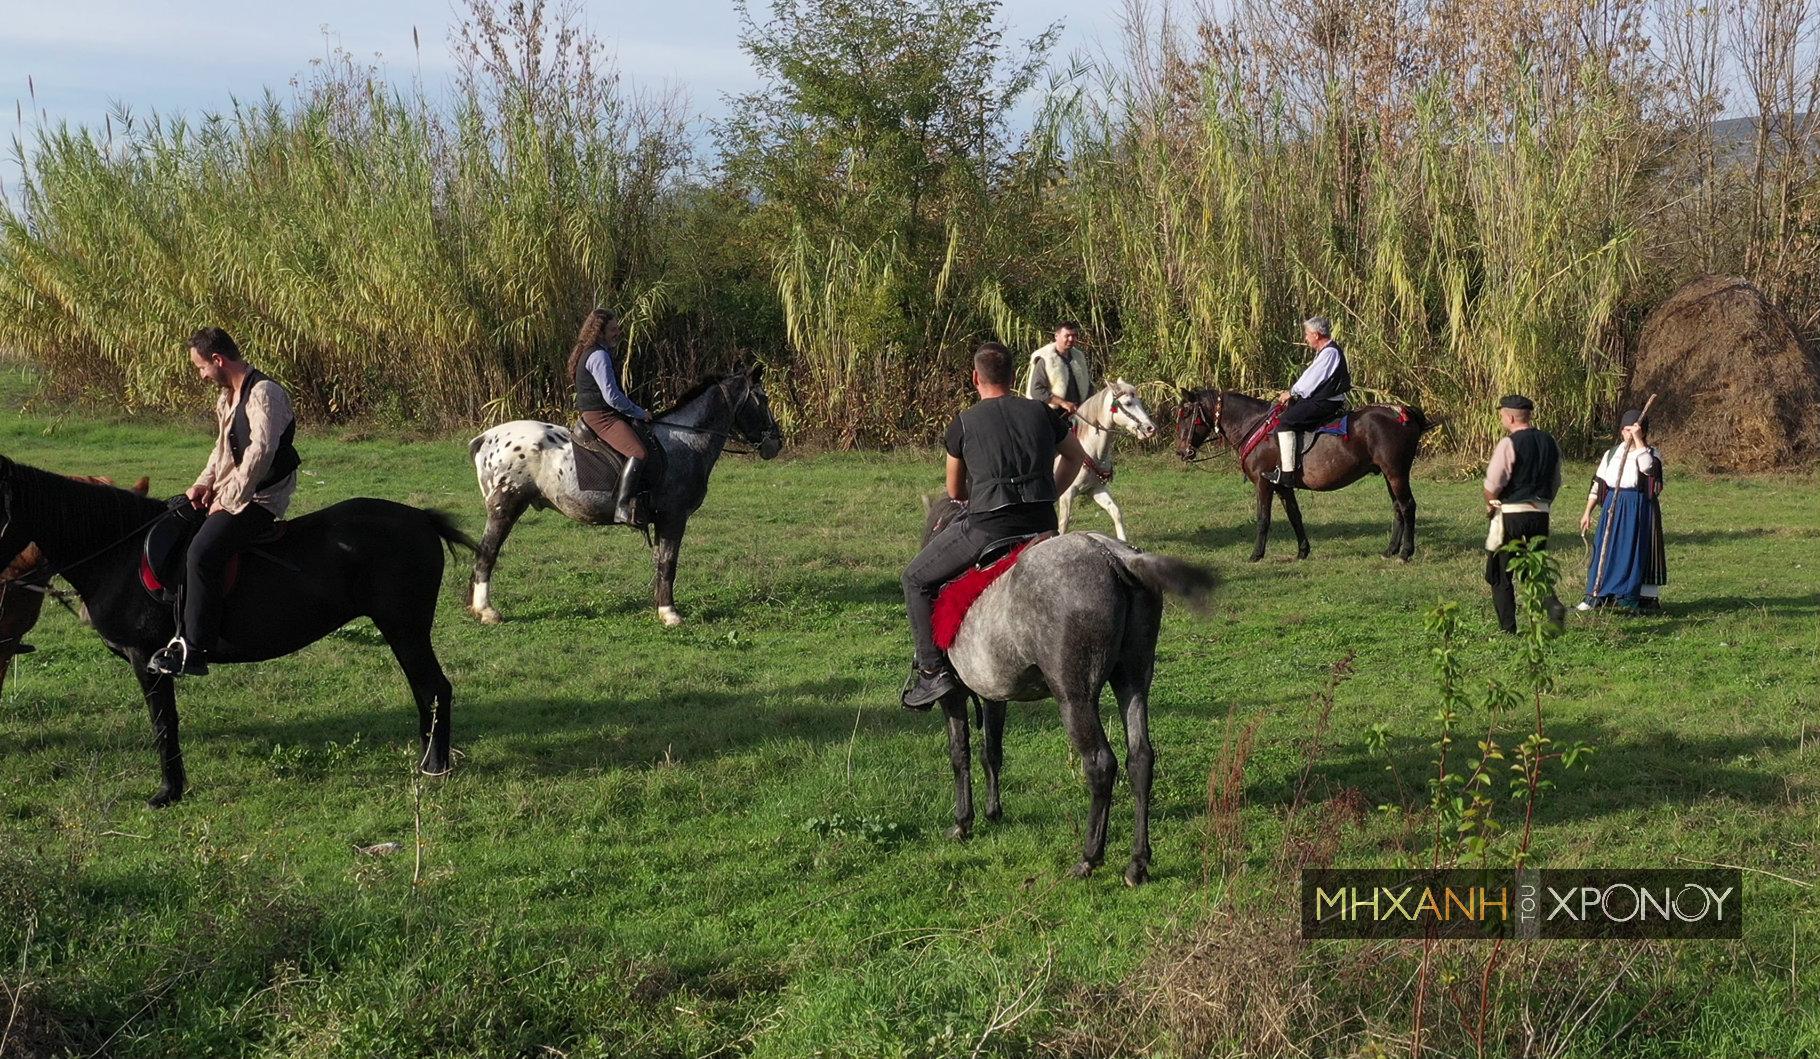 """Ελληνικά άλογα. Ποια φυλή """"γέννησε"""" τον Βουκεφάλα του Μ. Αλέξανδρου. Αήττητα, περήφανα και εργατικά, υμνήθηκαν όσο κανένα ζώο σε καιρό πολέμου"""